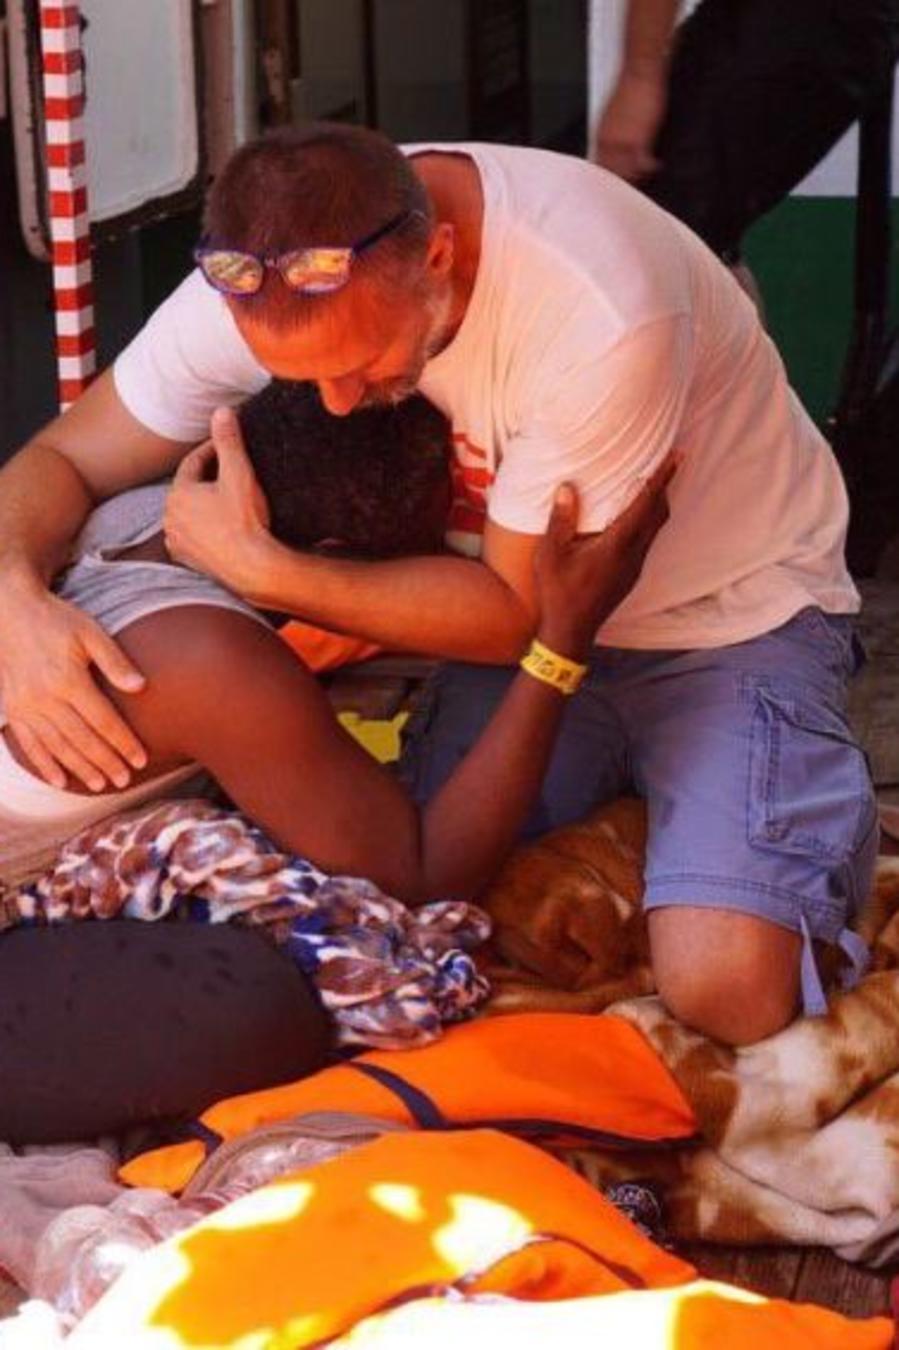 Un inmigrante es consolado por un tripulante del barco español humanitario Open Arms frente a la costa de la isla siciliana de Lampedusa, en el sur de Italia, el domingo 18 de agosto